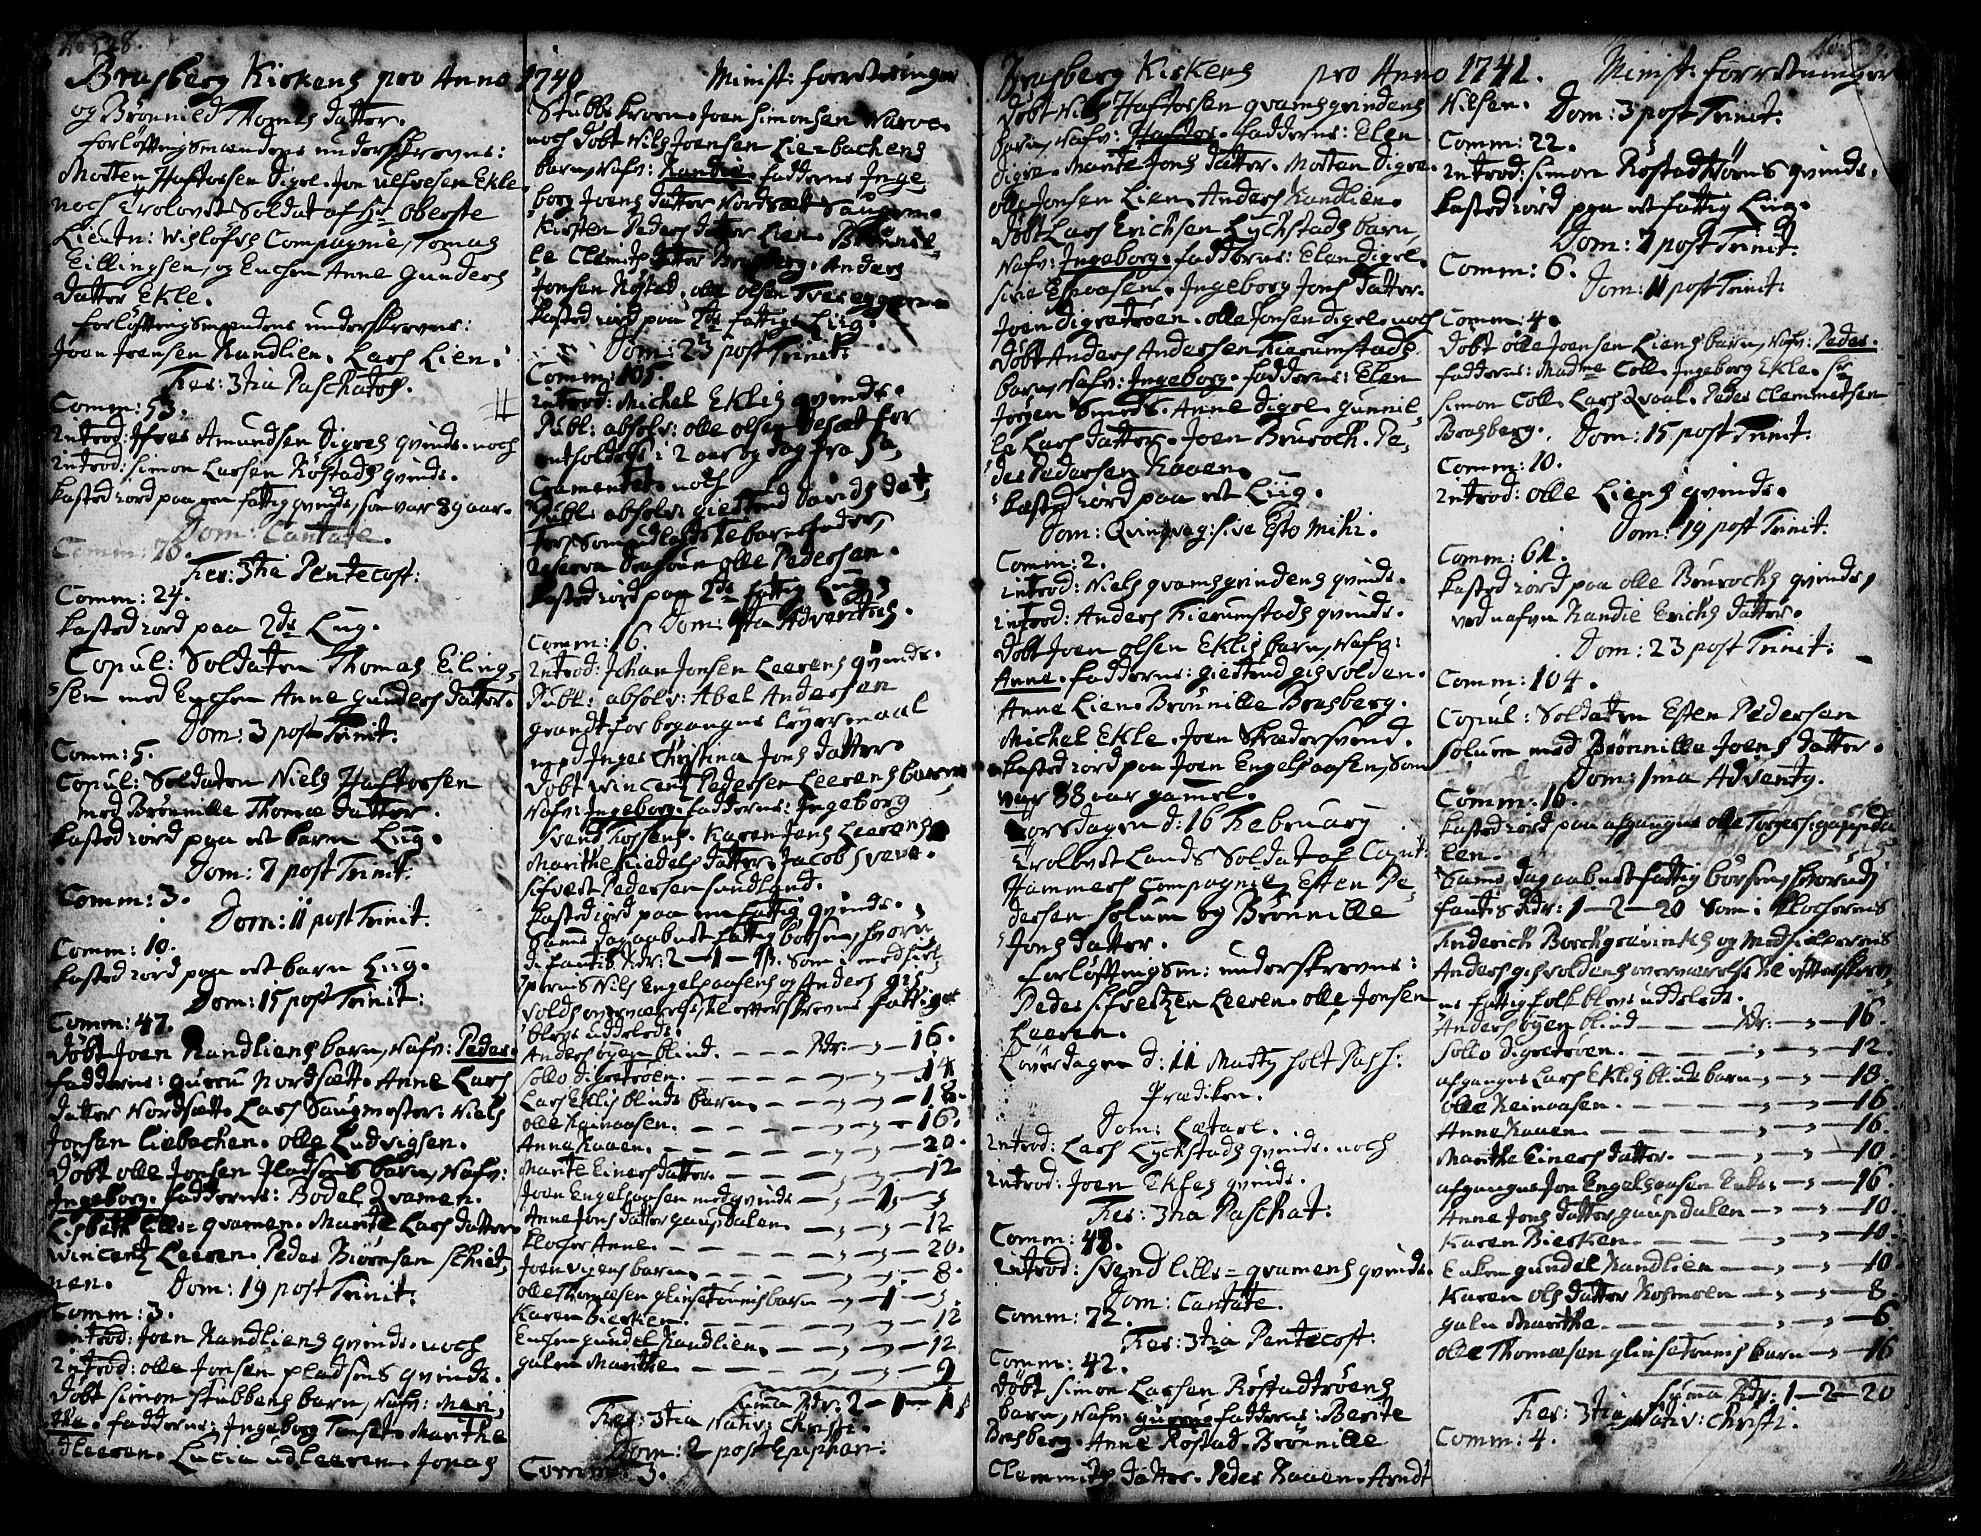 SAT, Ministerialprotokoller, klokkerbøker og fødselsregistre - Sør-Trøndelag, 606/L0278: Ministerialbok nr. 606A01 /4, 1727-1780, s. 528-529